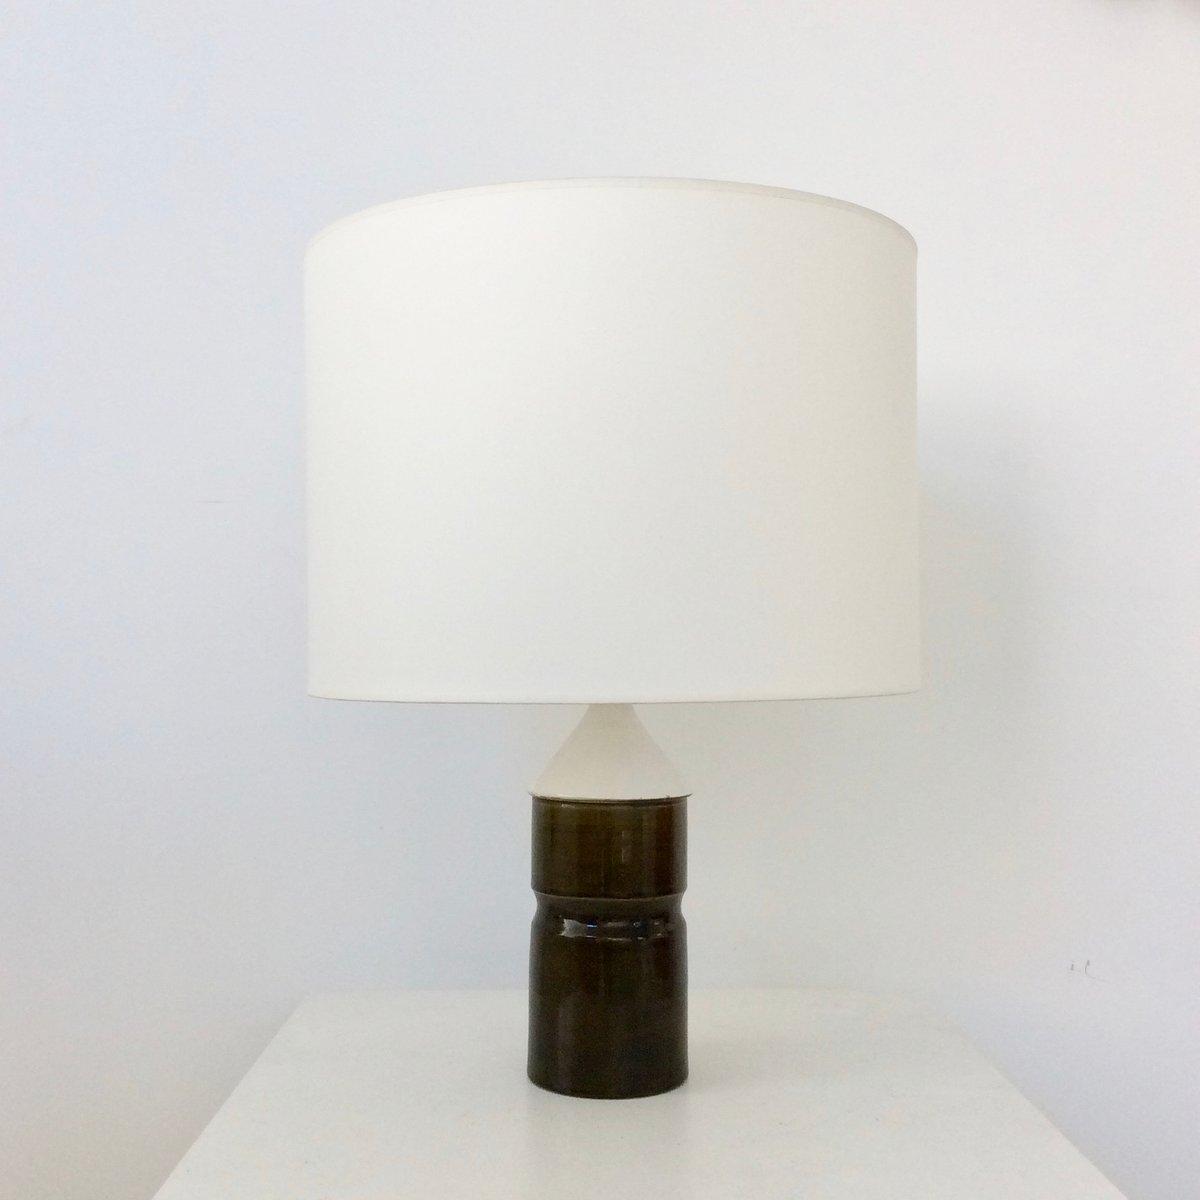 Französische Tischlampe aus Keramik, 1970er